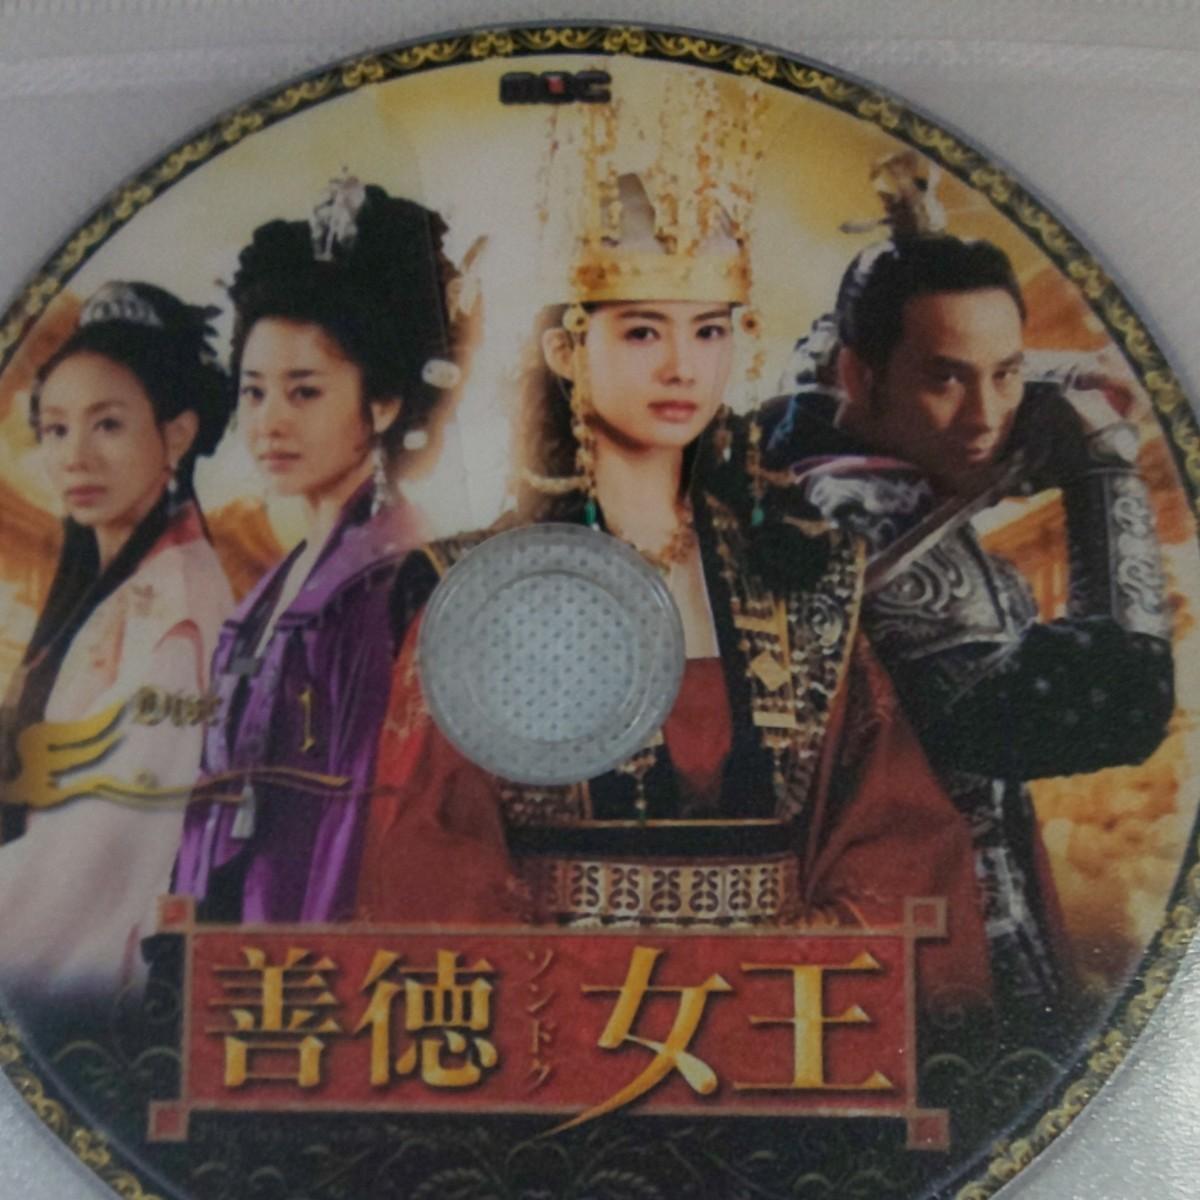 韓国ドラマ 【善徳女王 】ソンドク女王 全話収録 DVD31枚 日本語吹替え付き